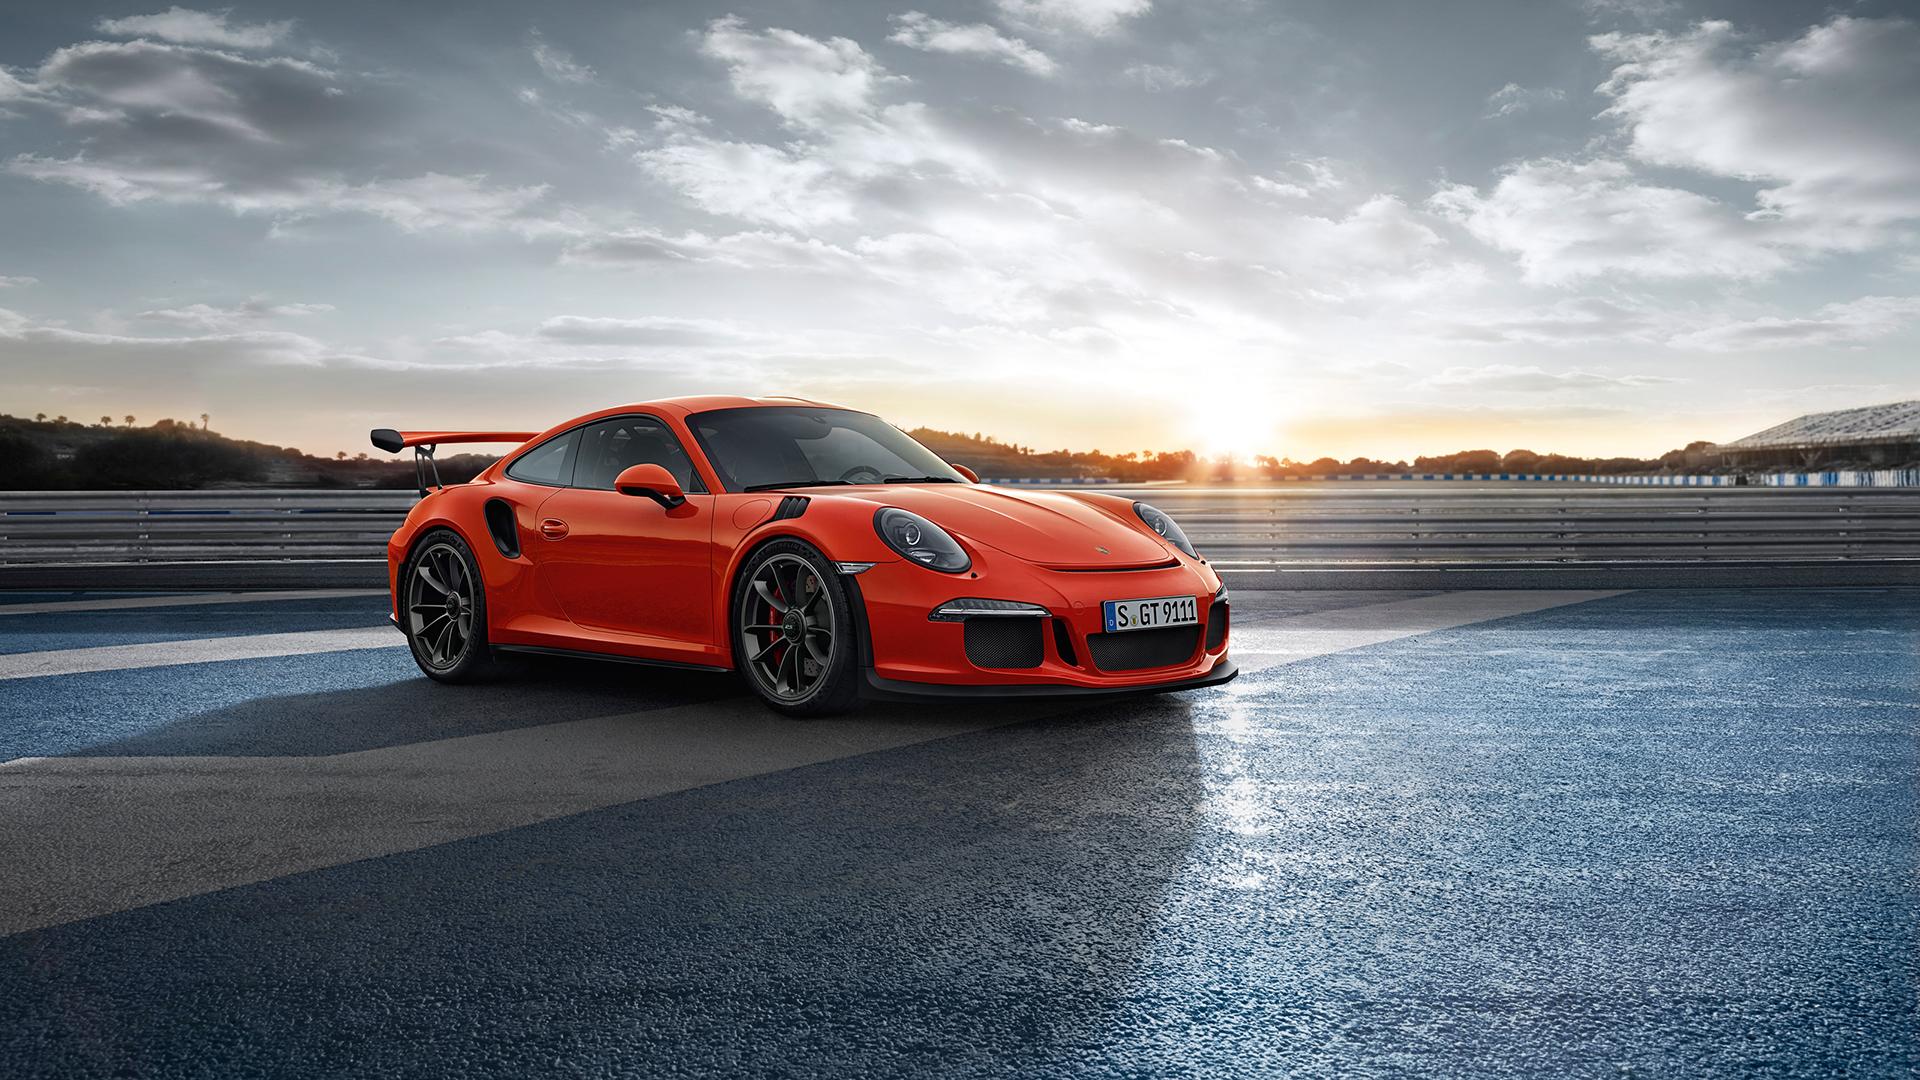 Porsche 911 GT3 RS 2015 Wallpaper 004 CARSPECWALLCOM 1920x1080